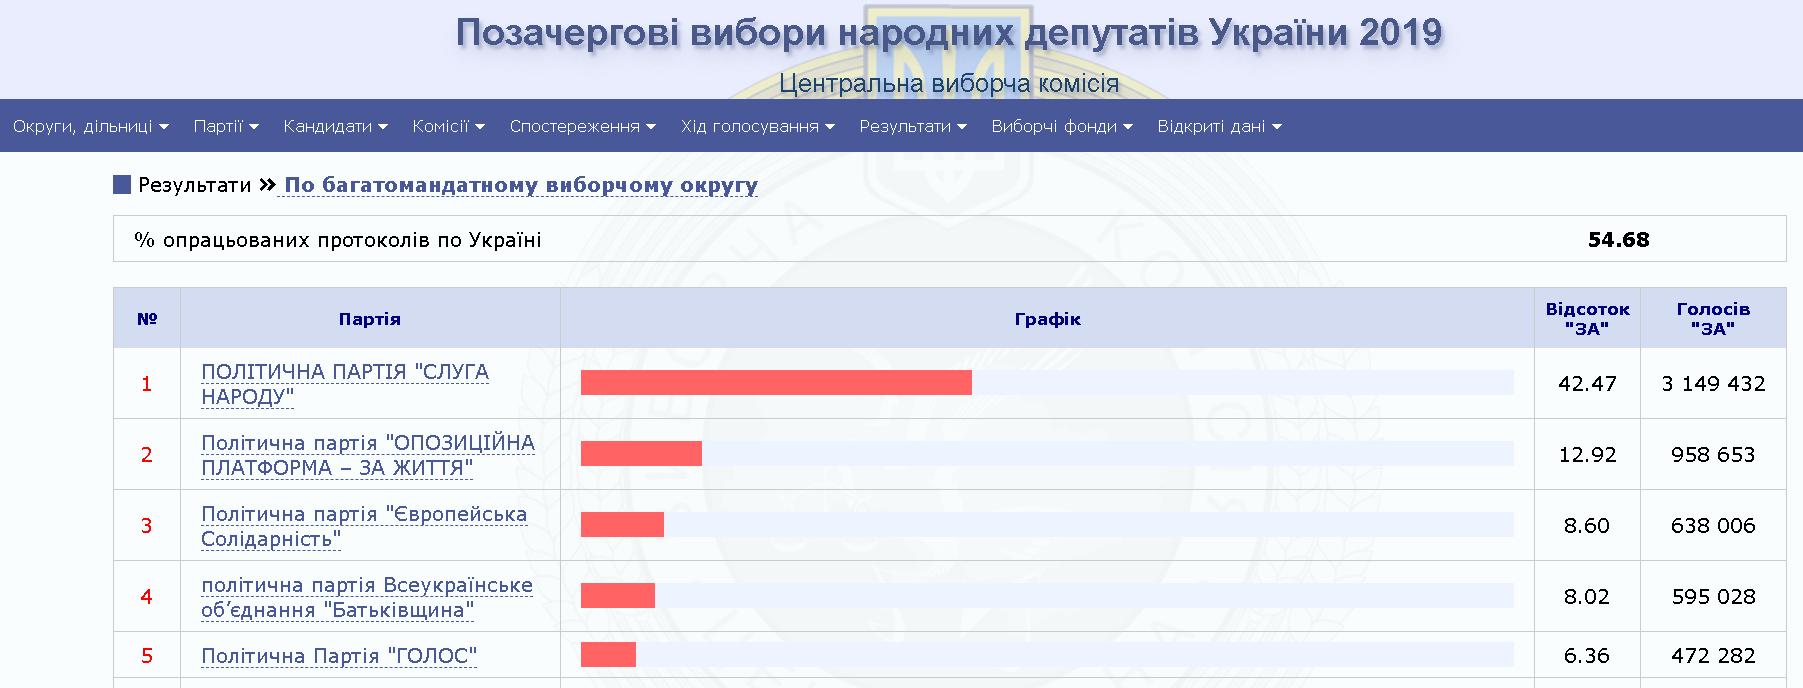 Результаты выборов: обработано более 50% протоколов